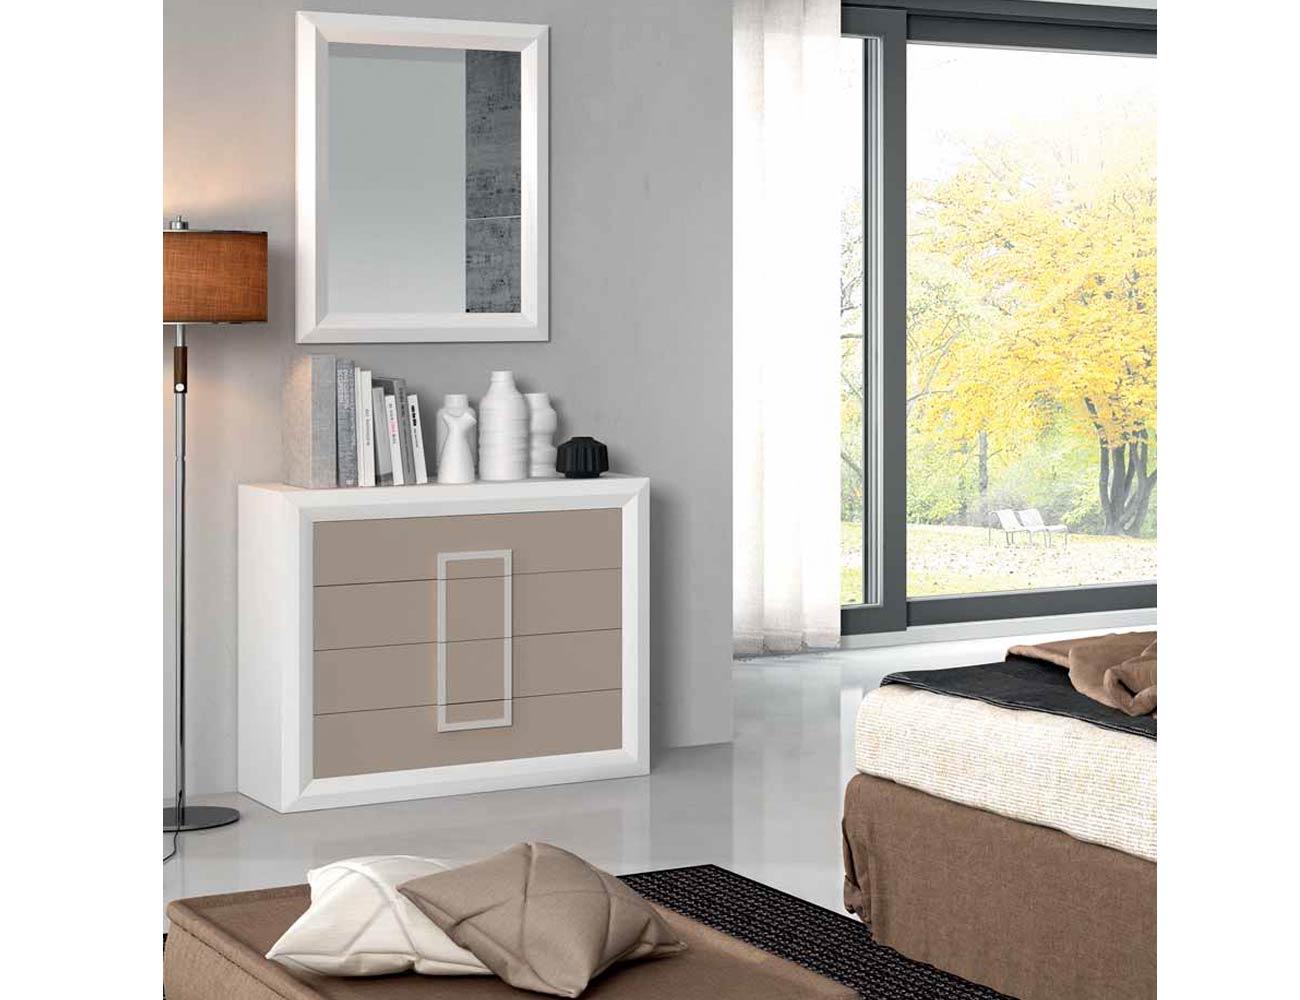 Ambiente06 mueble comoda dormitorio matrimonio marco espejo